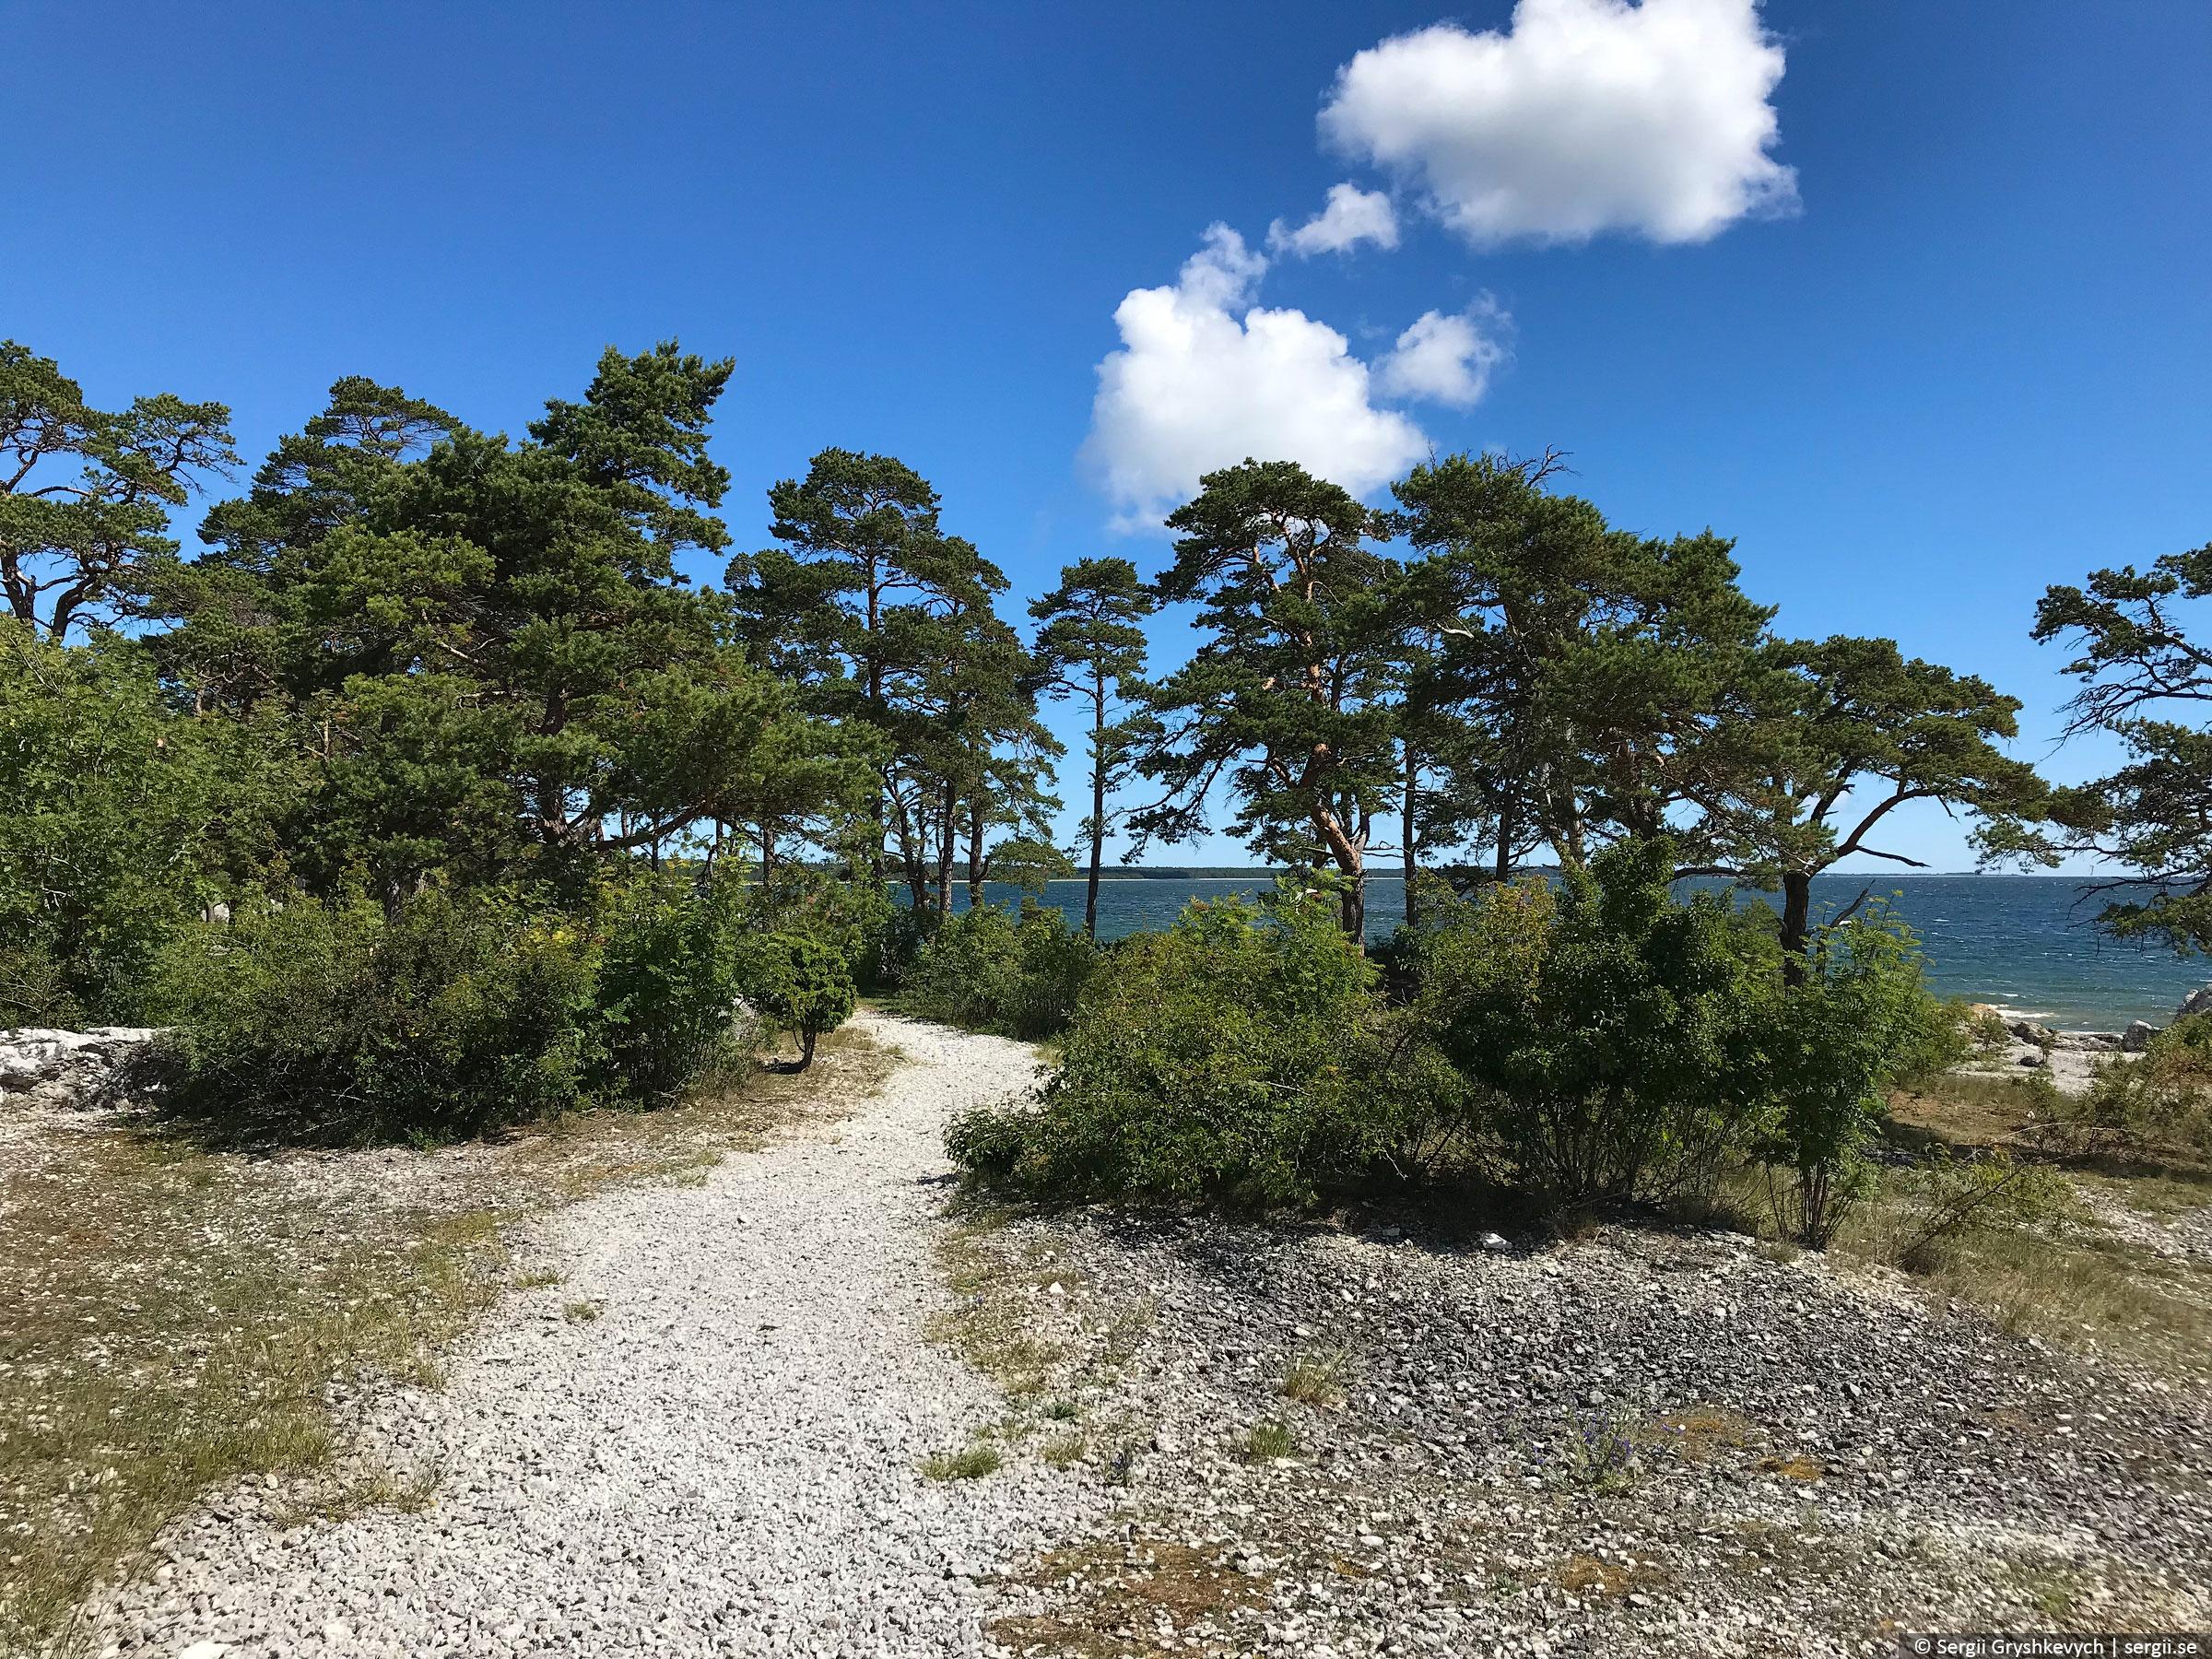 gotland-visby-sweden-2018-62